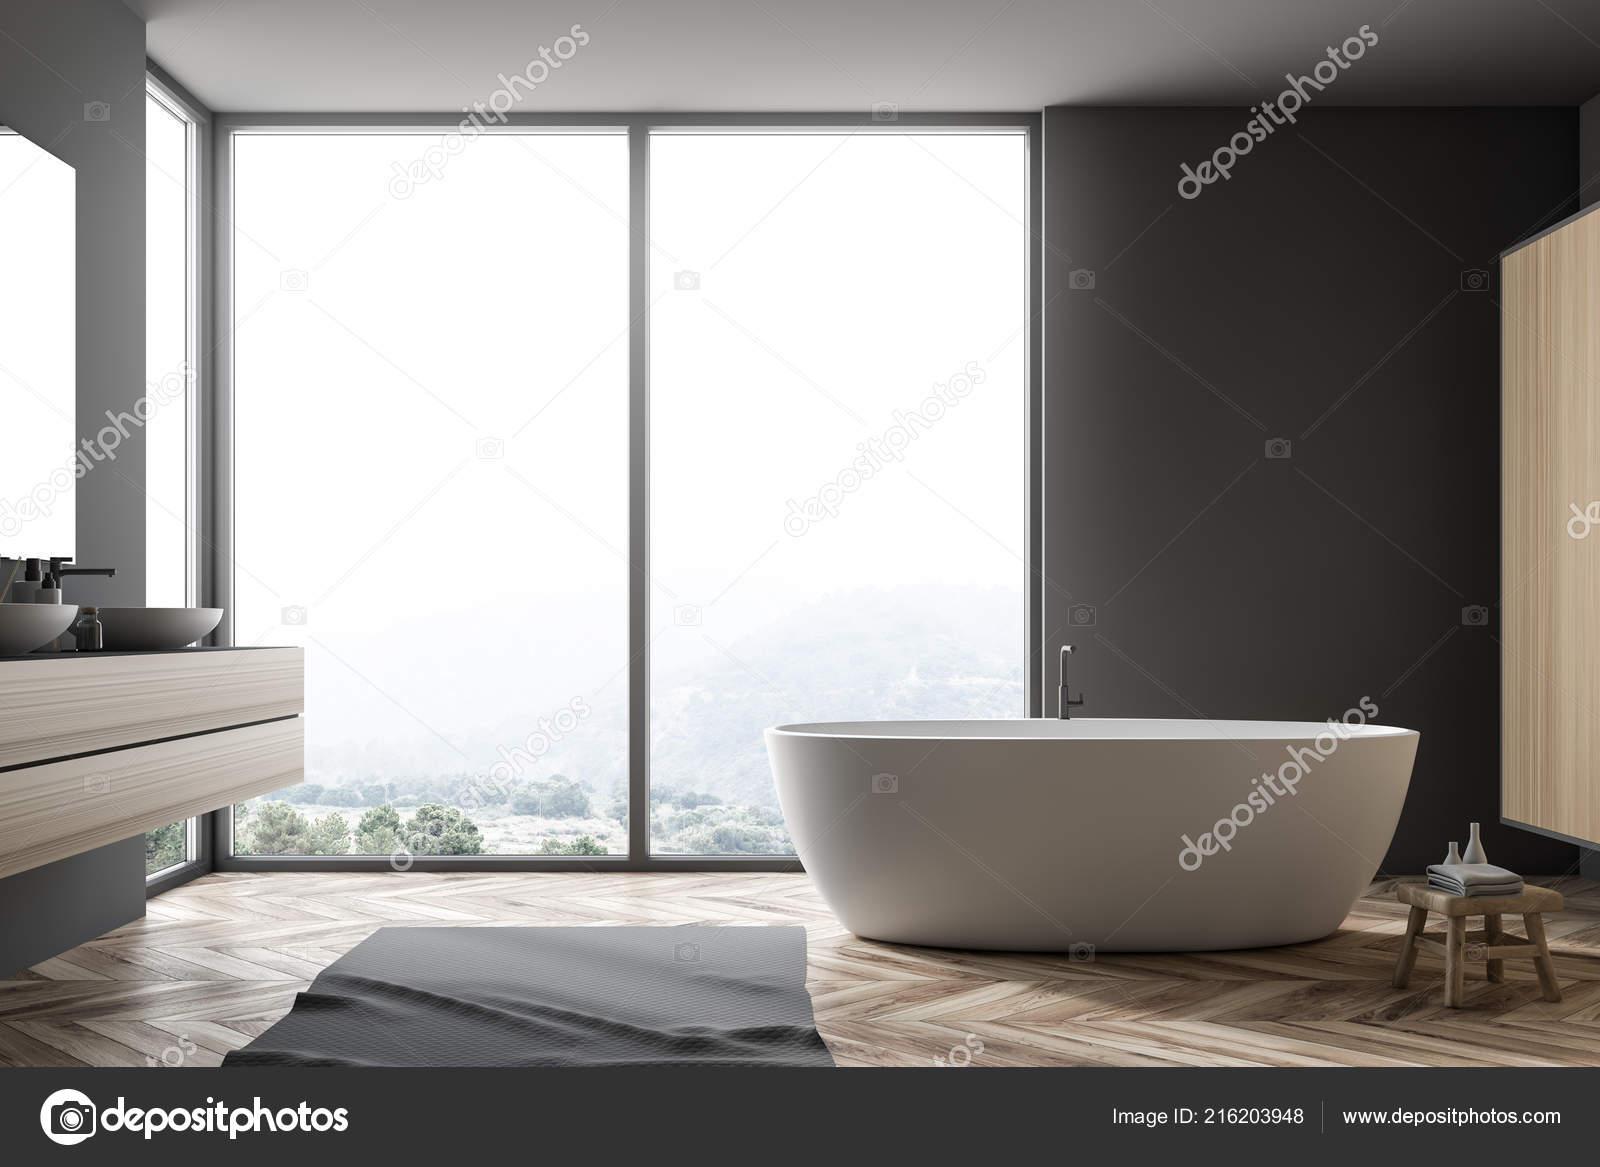 Tappeti Da Bagno Eleganti : Interno bagno grigio elegante con pavimento legno tappeto grigio